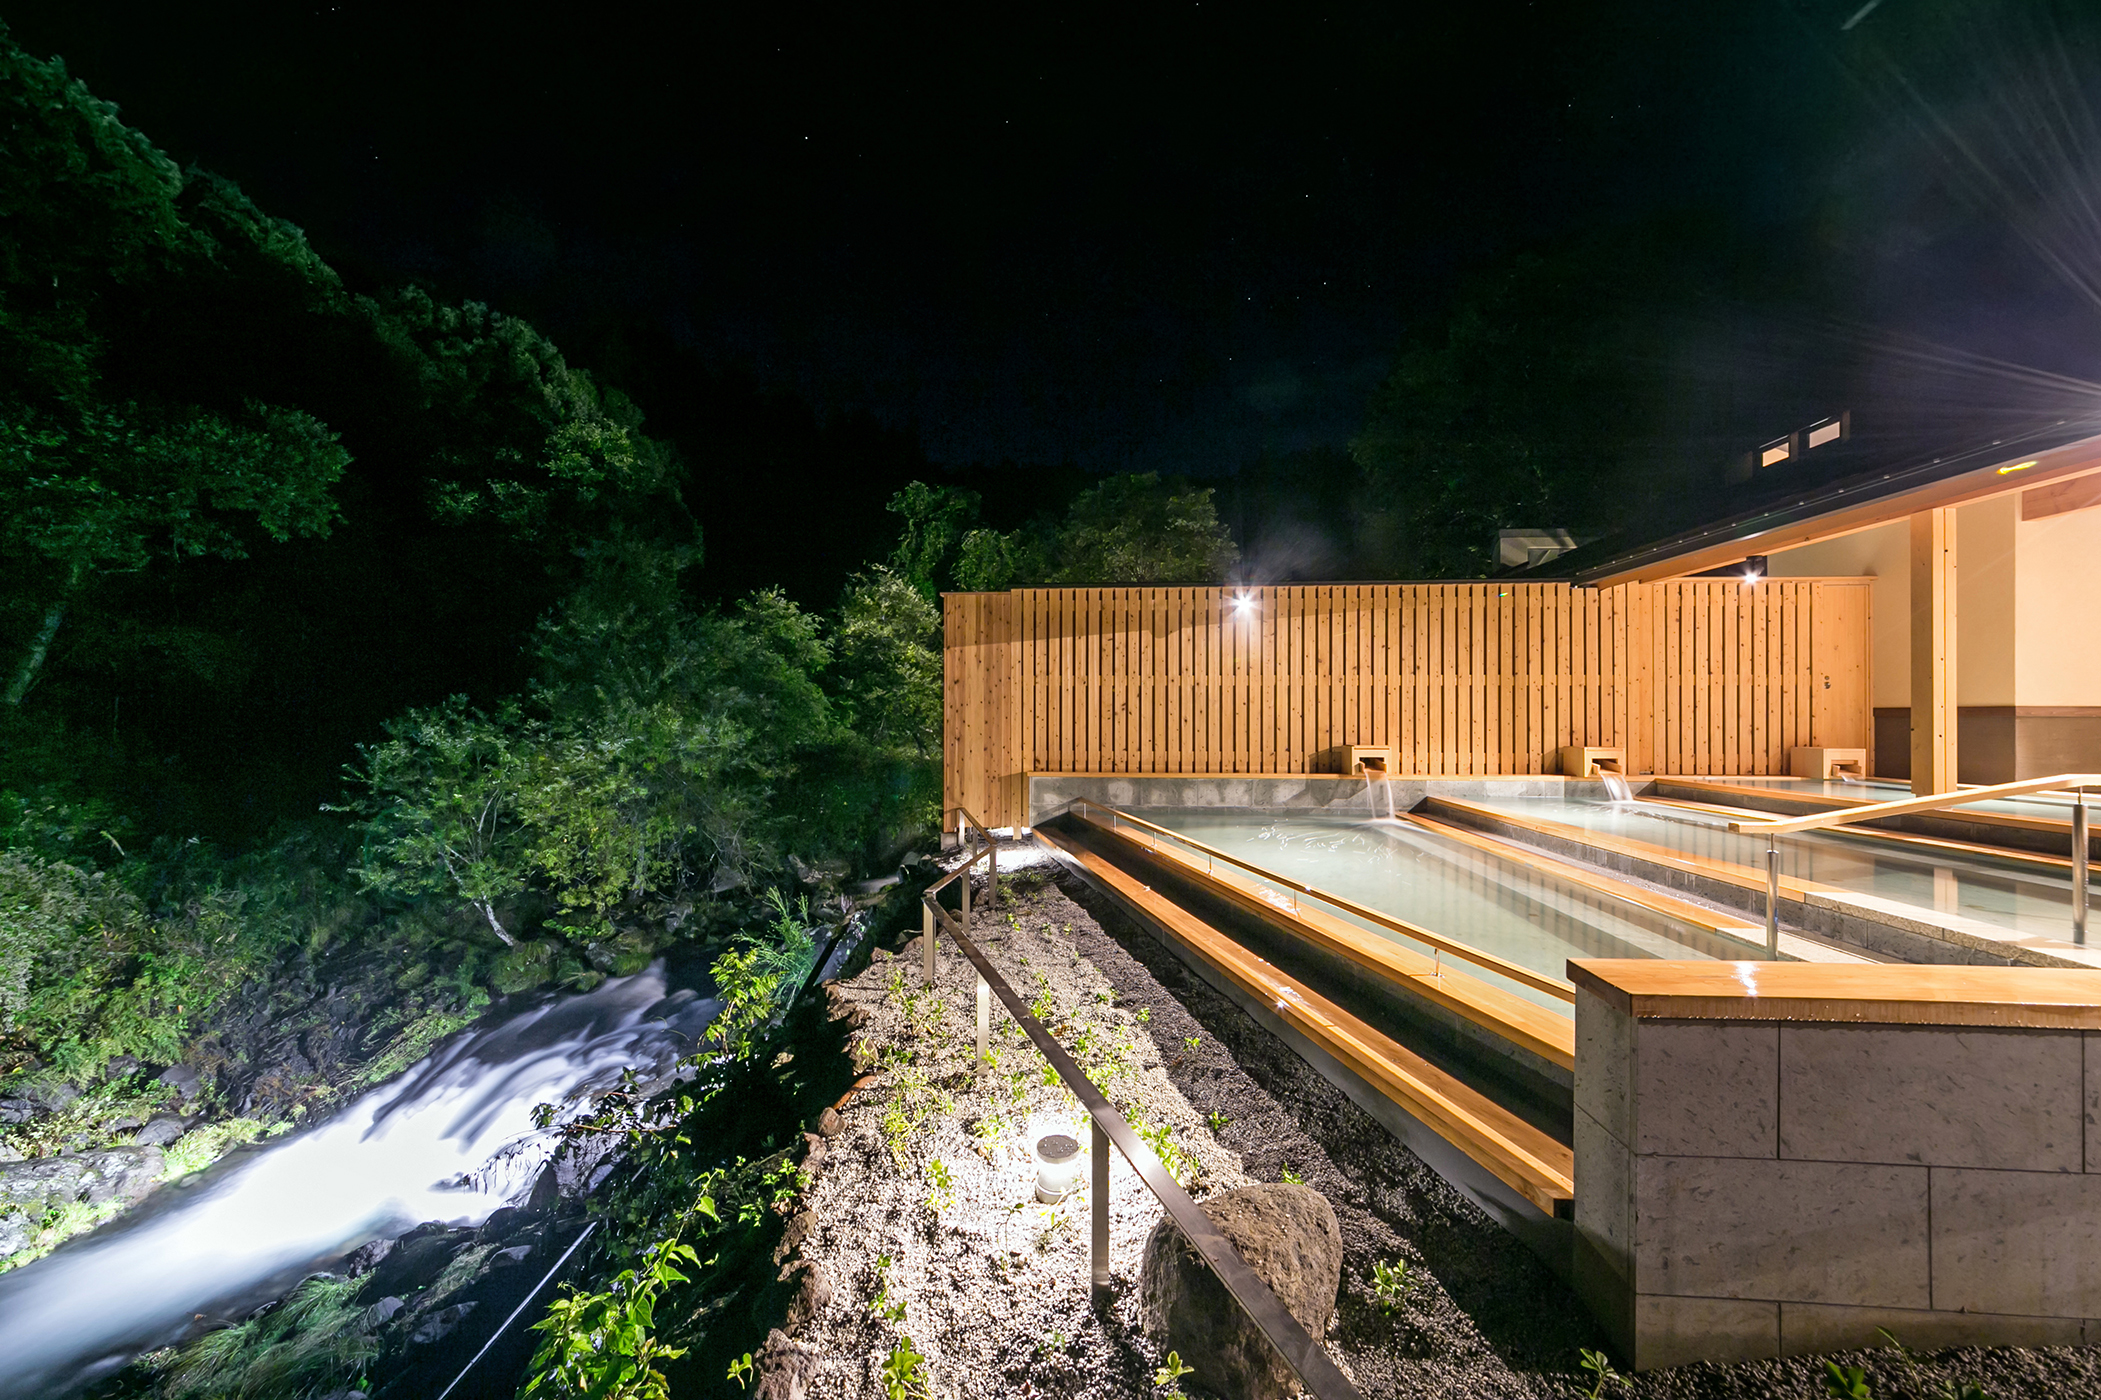 長野 滝 限定 県民 湯 プラン の